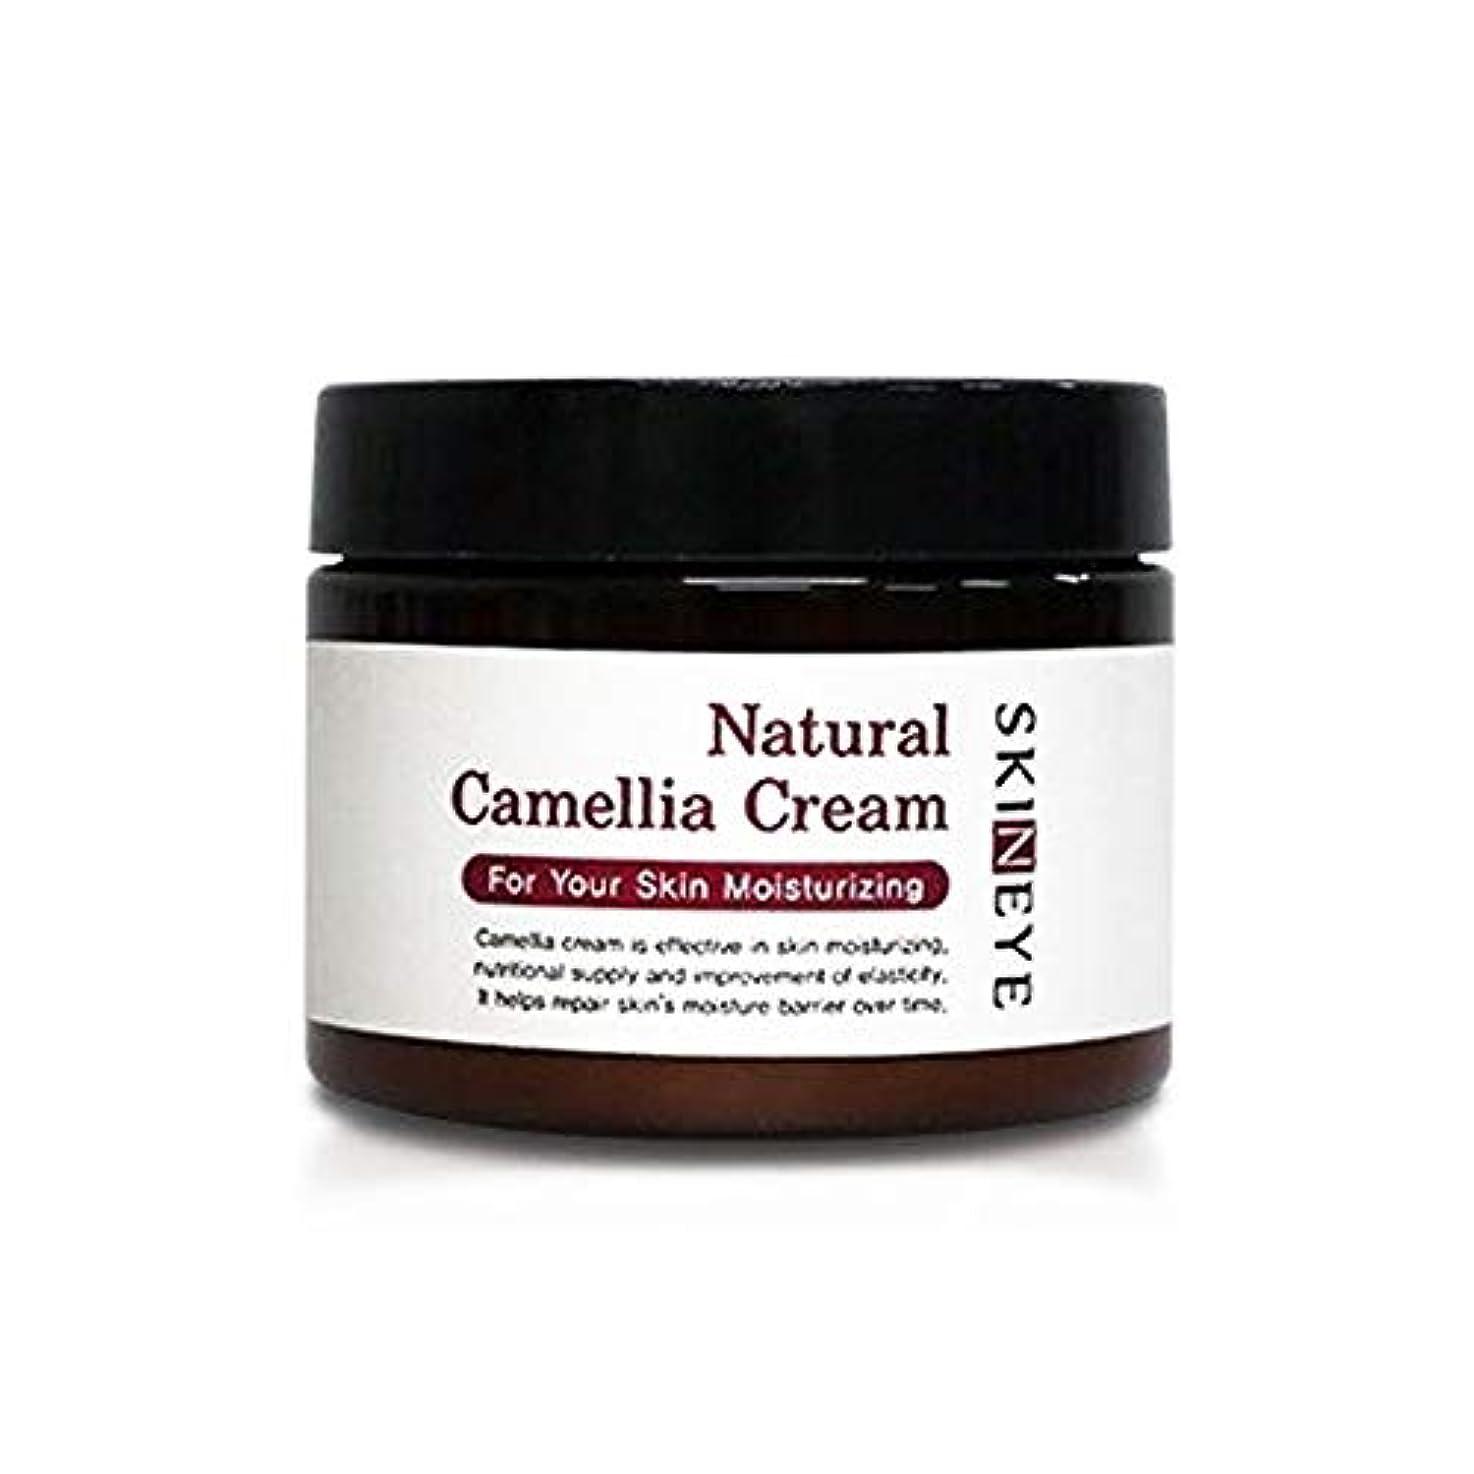 経験者再生矢スキンアイナチュラル・発効、椿、クリーム100ml保湿クリーム、Skineye Natural Camellia Cream 100mlMoisturizing Cream [並行輸入品]